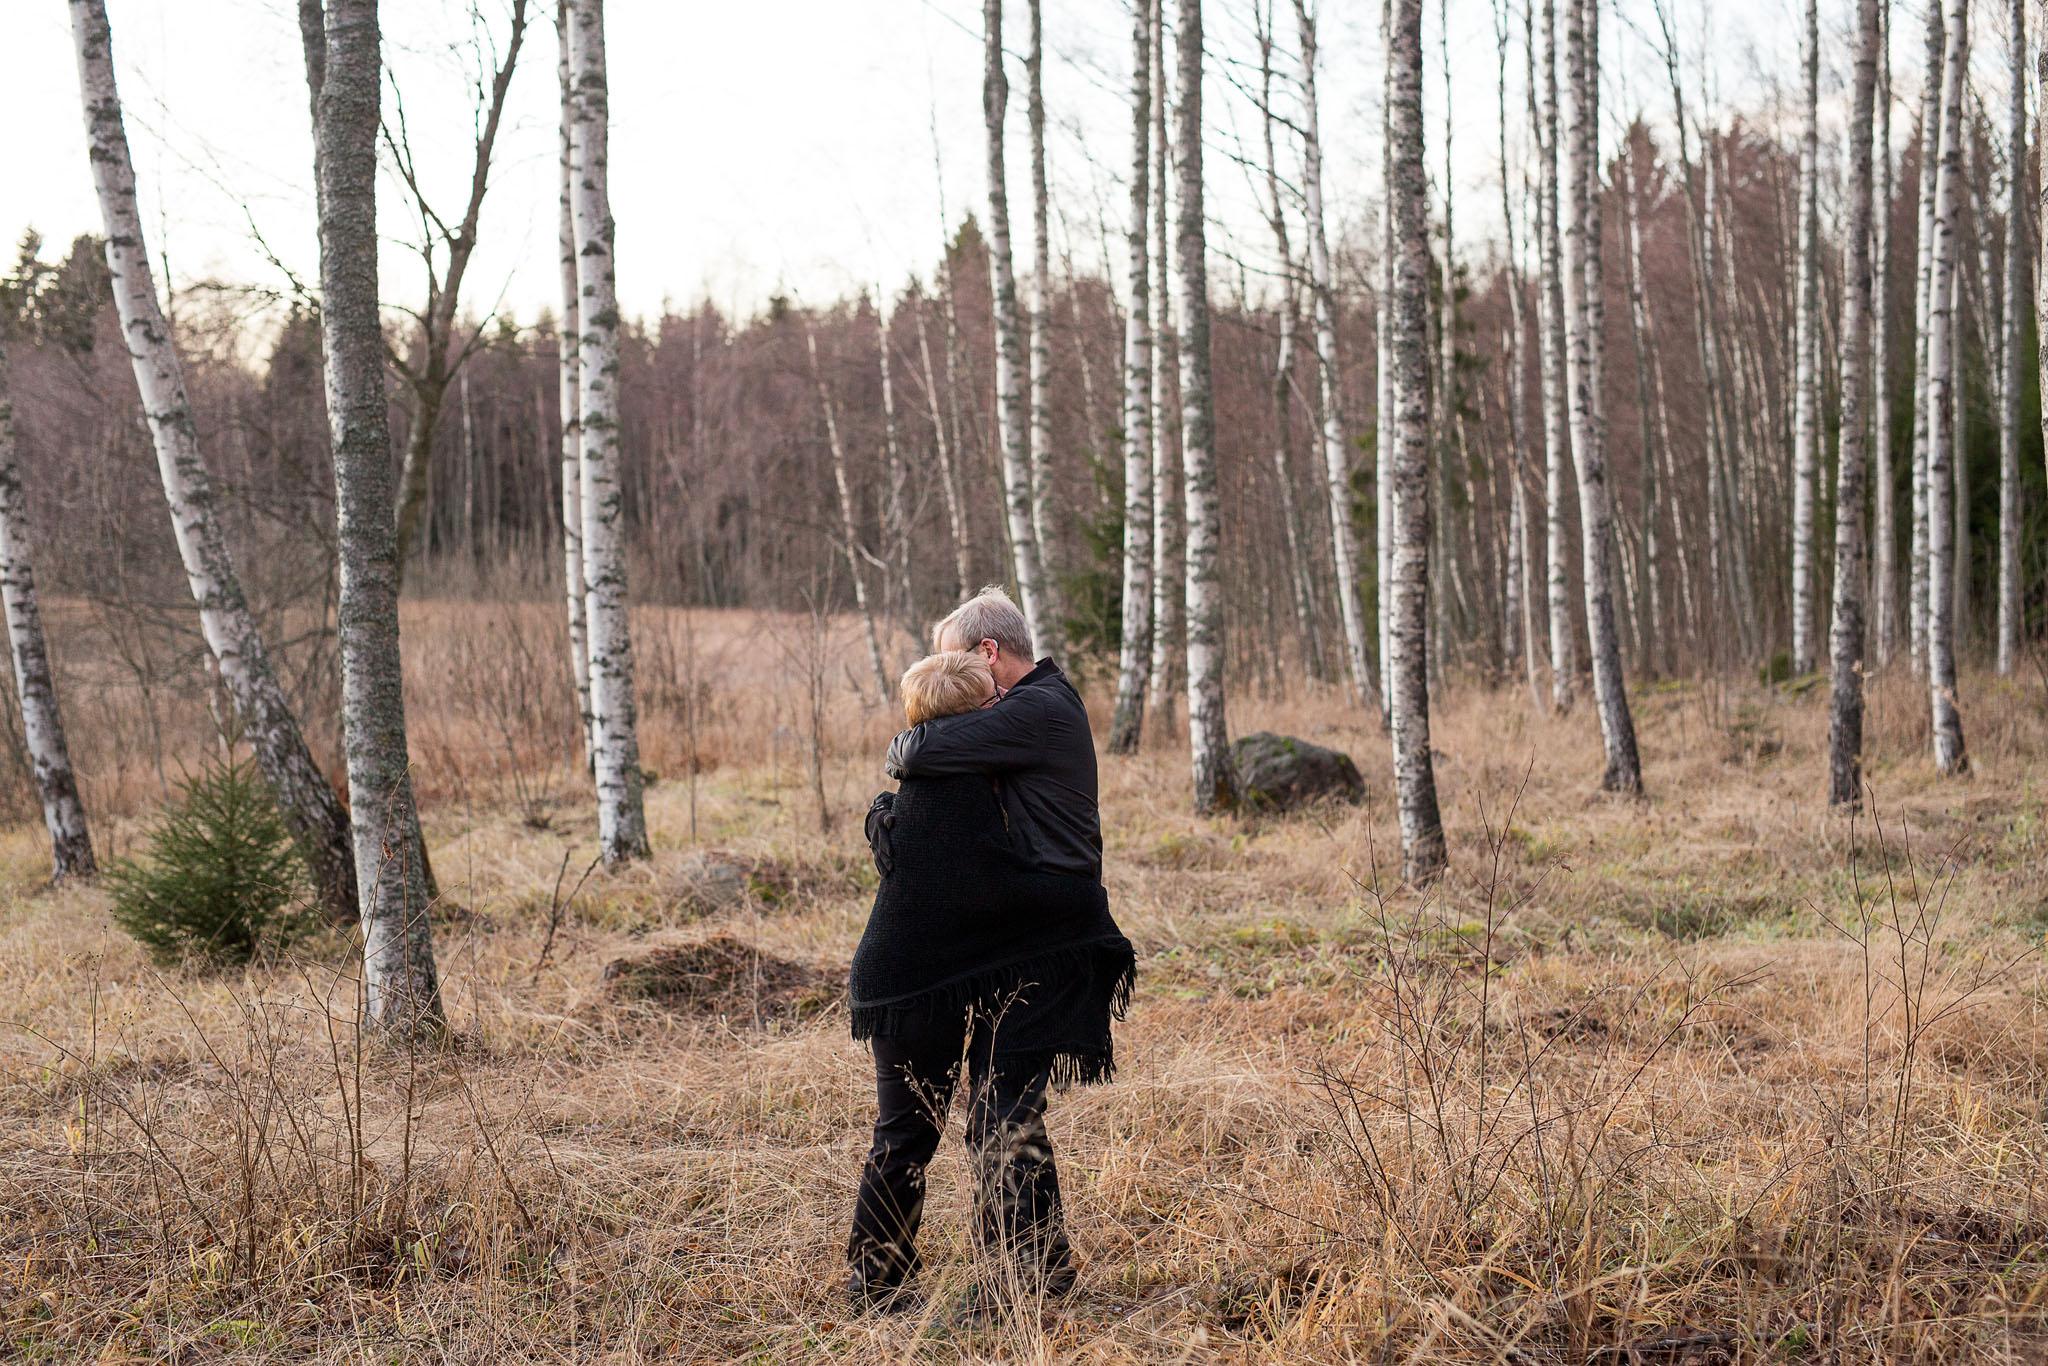 kärlek_fotograf_sabina_wixner_hudiksvall_7.jpg